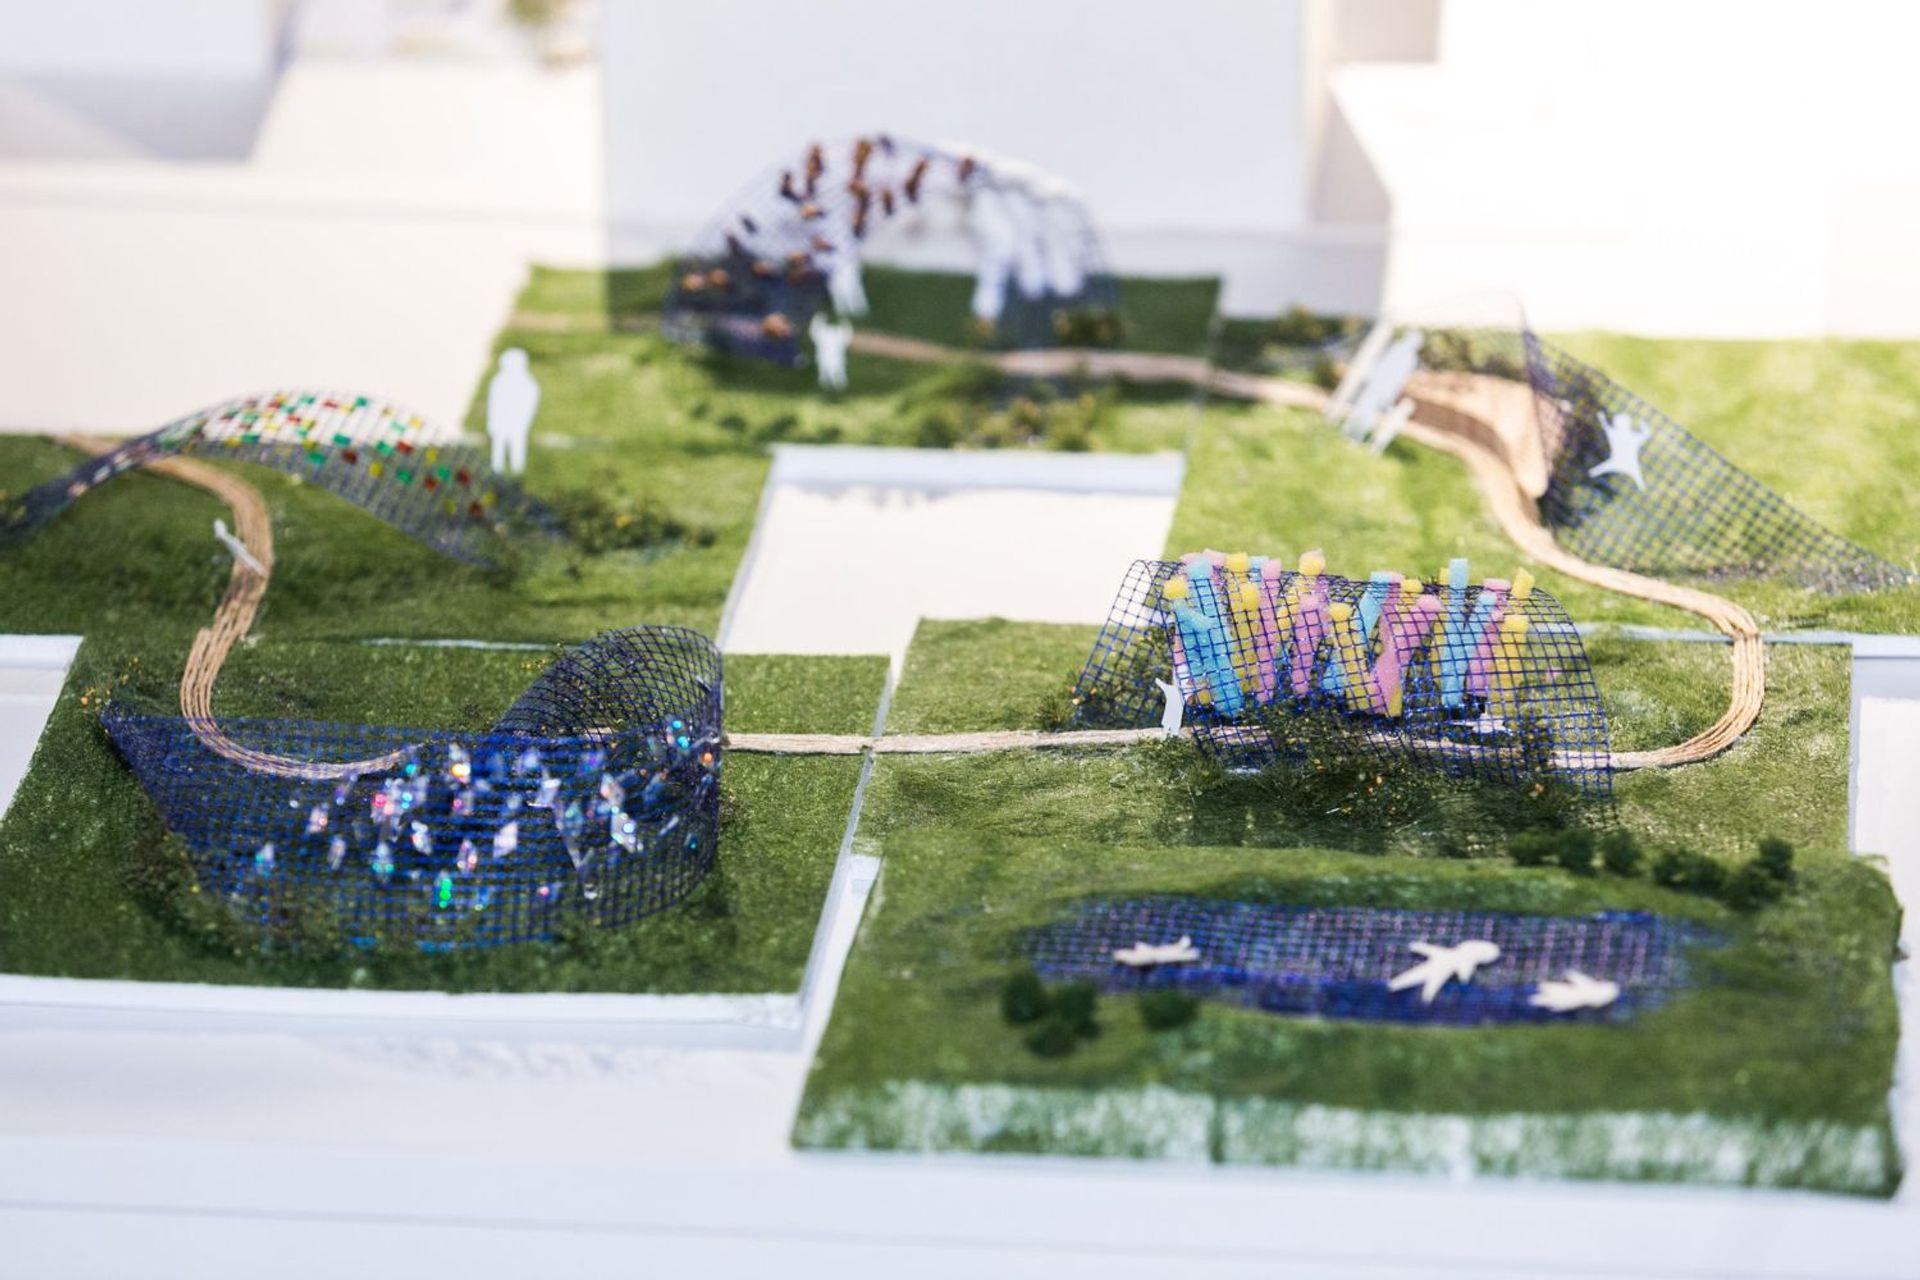 [Wrocław] Studenci zaprojektowali rozwiązania dla Parku Sensorycznego w centrum Wrocławia